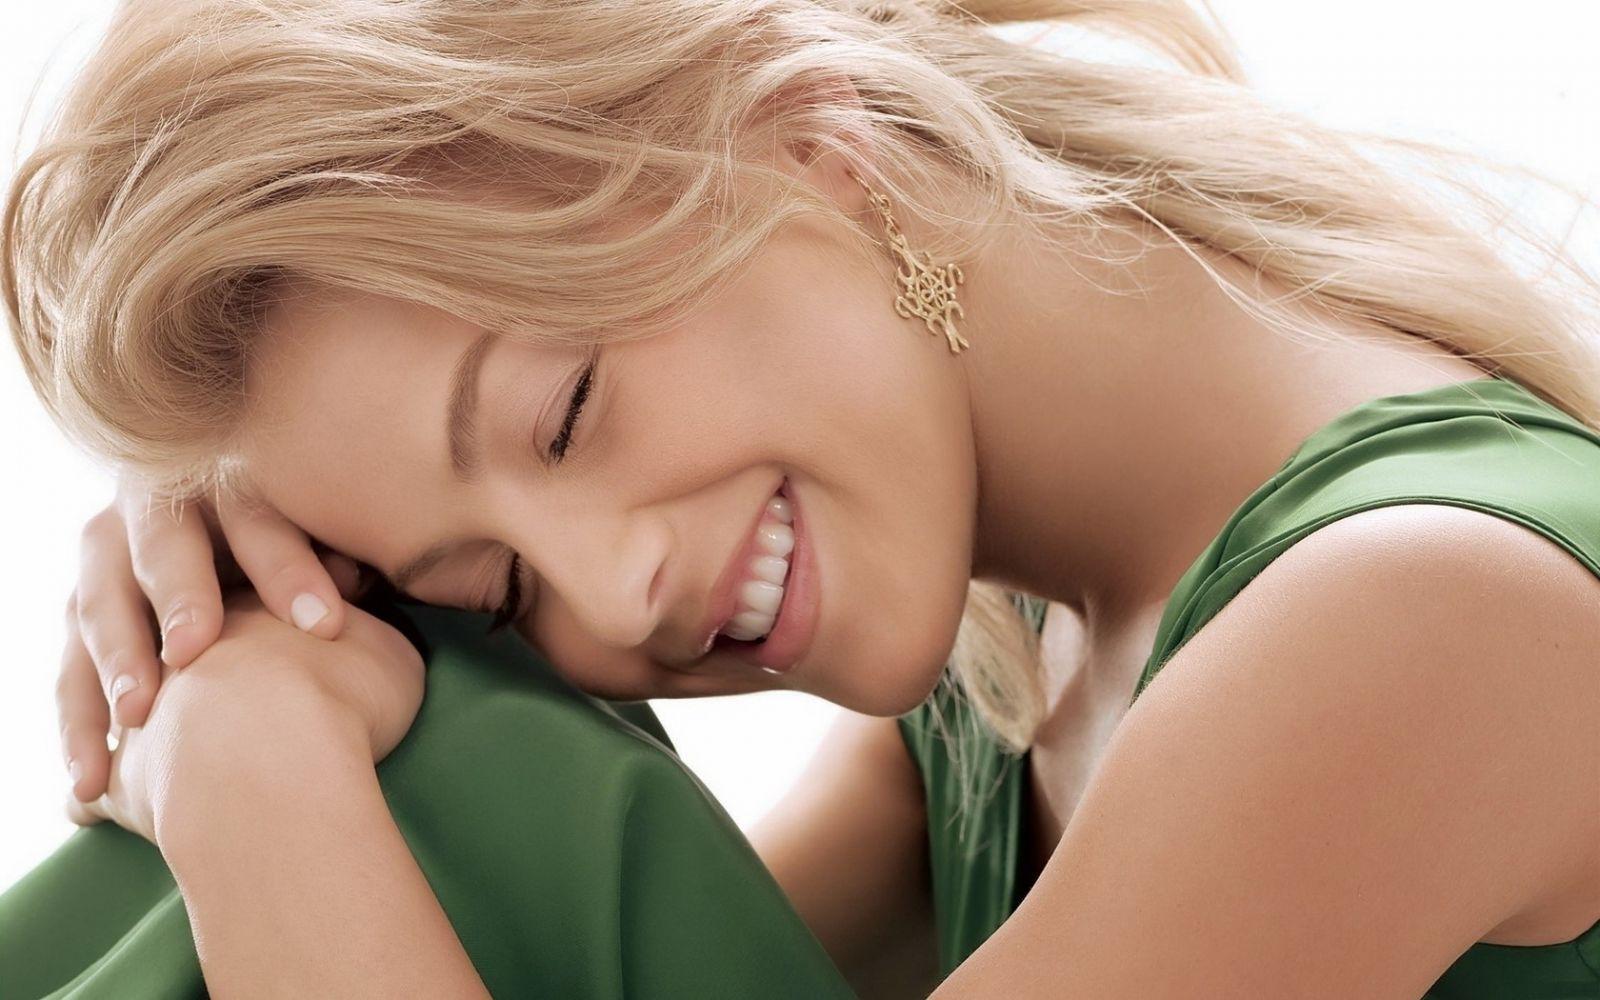 К чему снятся серьги − сонник: серьги, сережки во сне